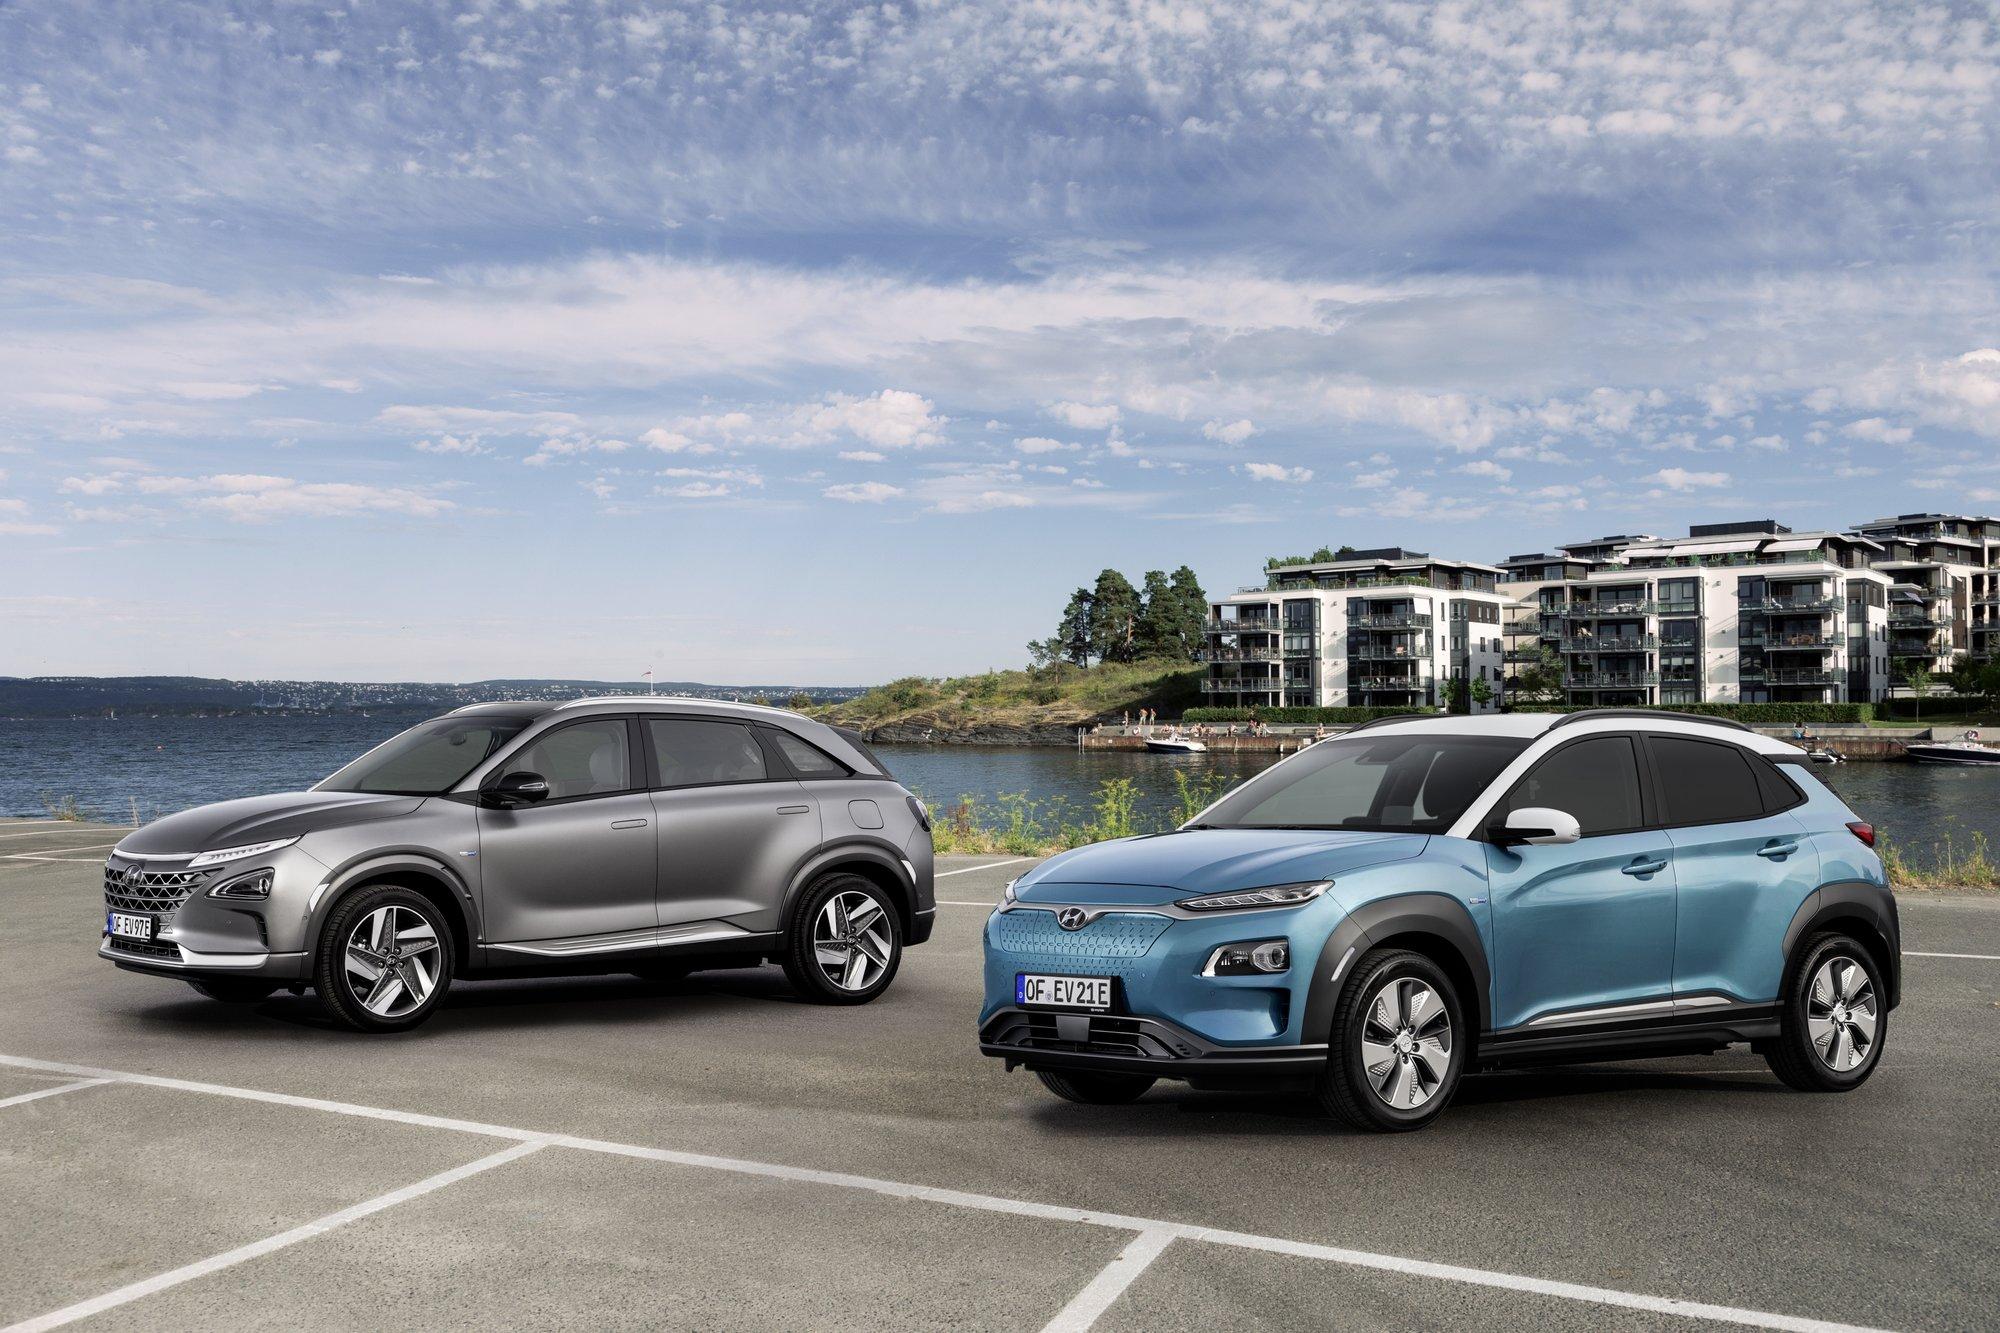 Němci ocenili pokrok automobilky Hyundai, zejména ve vývoji technologií a ekologických aut